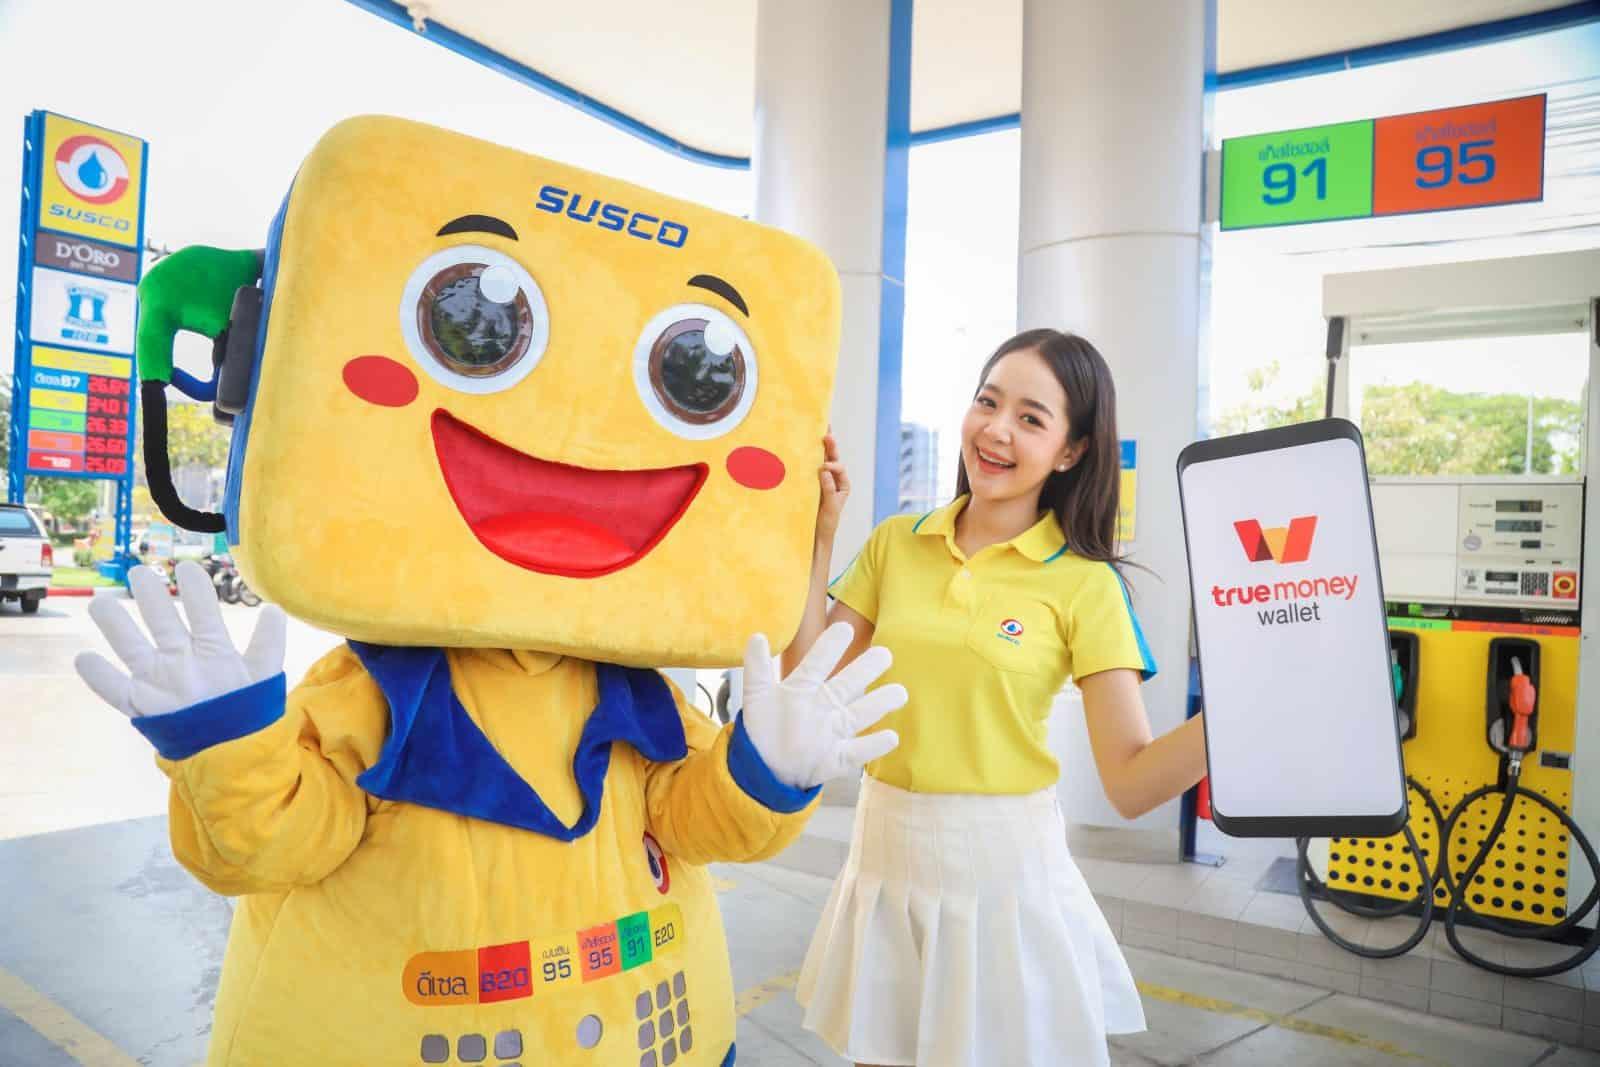 TrueMoney จับมือ SUSCO รับชำระเงินผ่านแอปฯ TrueMoney Wallet ที่สถานีบริการ SUSCO กว่า 200 แห่งทั่วประเทศ